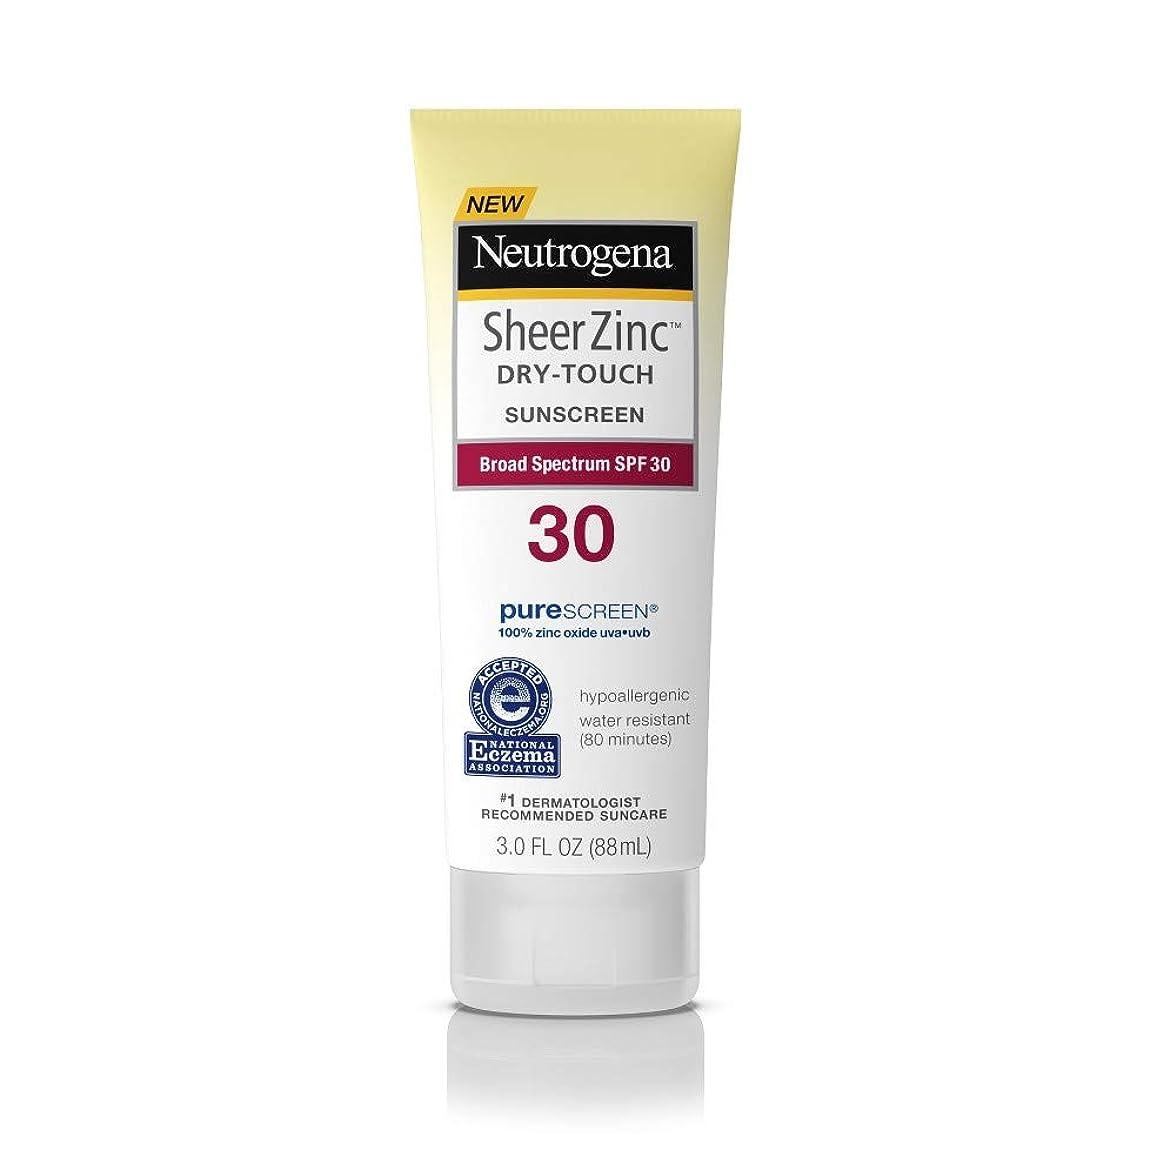 ステレオライムの頭の上Neutrogena シアー亜鉛ドライタッチSPF#30日焼け止め3オンス(88Ml)(3パック)